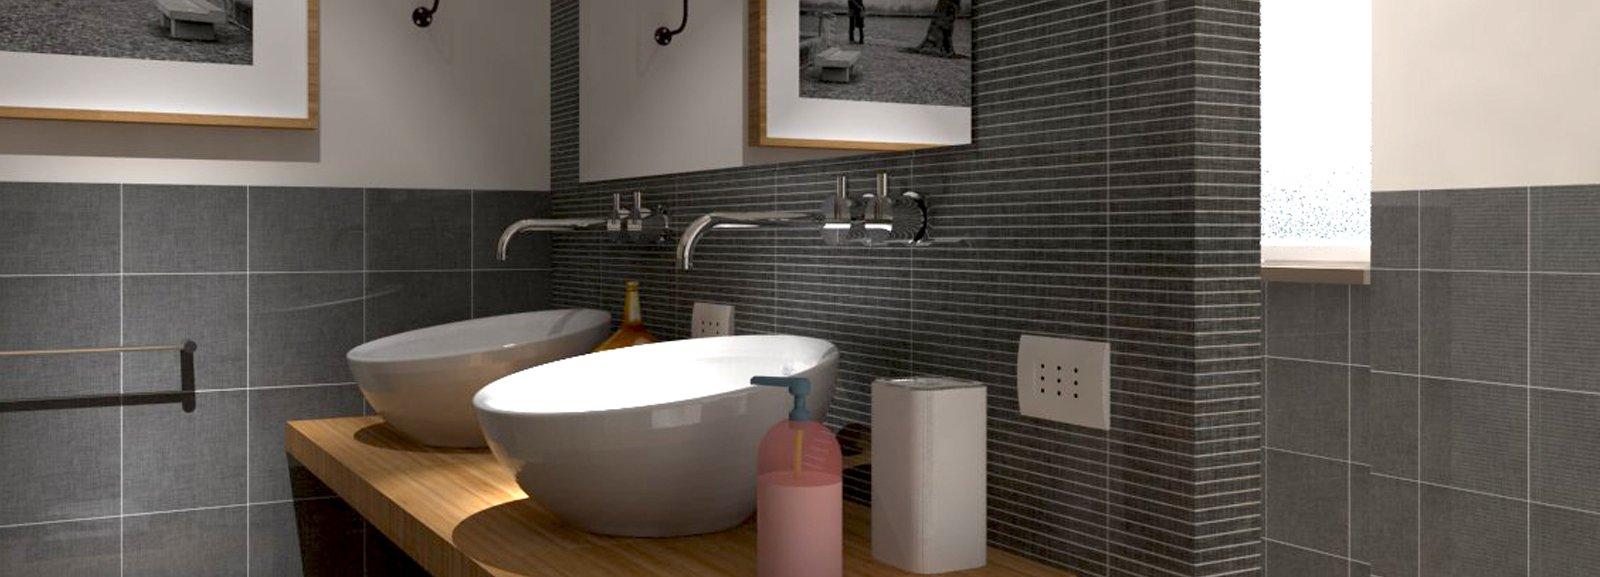 Rifare il bagno progetto in 3d con lavatrice nascosta cose di casa - Rifare il bagno del camper ...